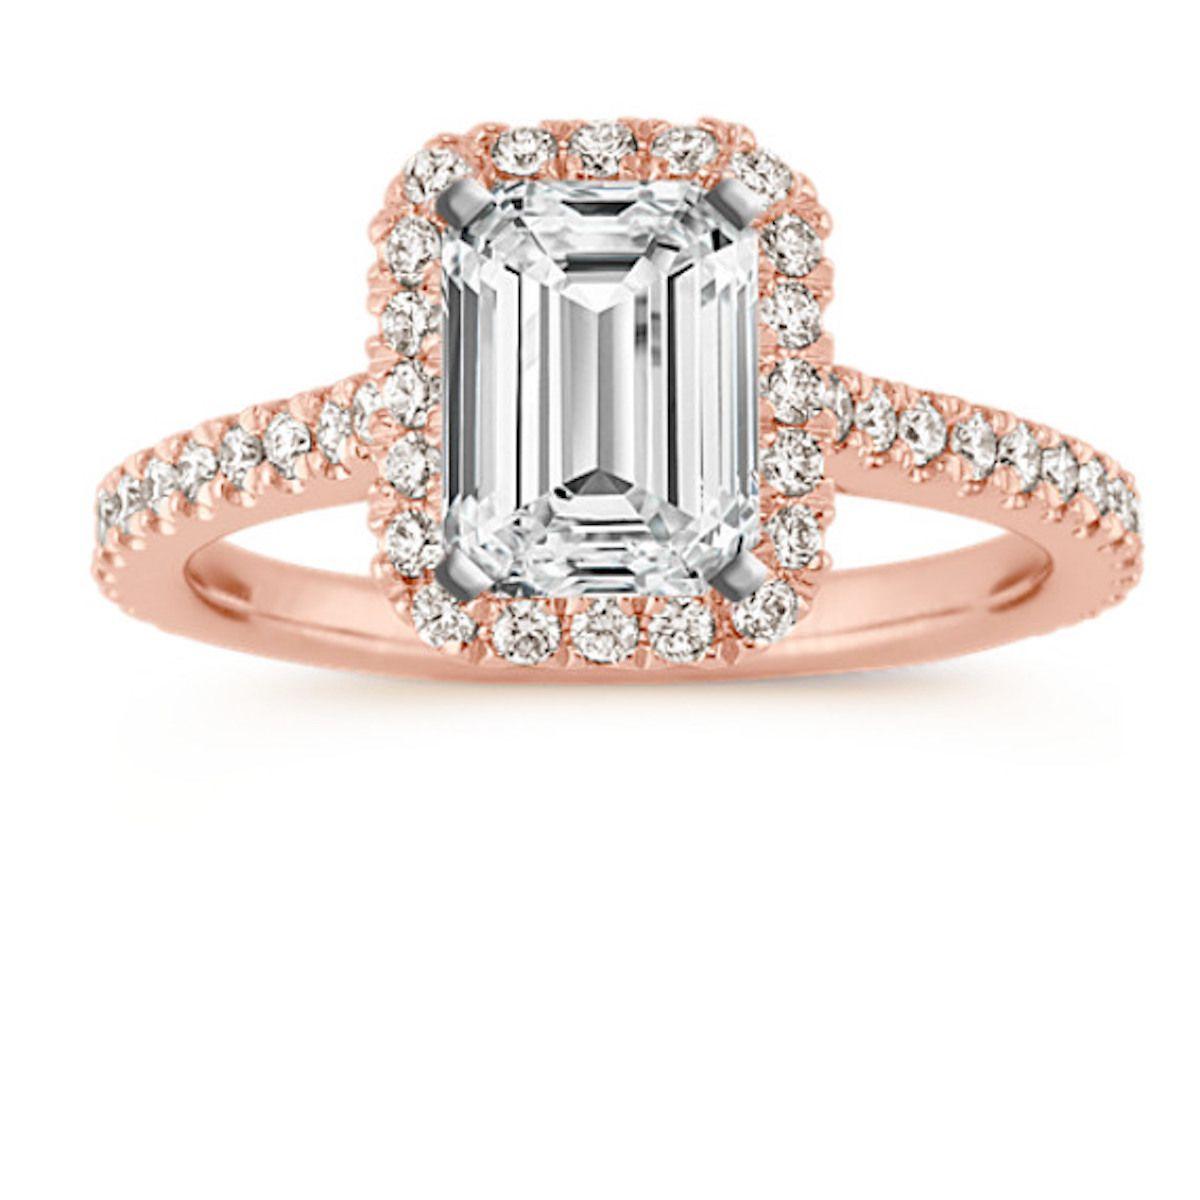 Shane Co. Halo Diamond Engagement Ring